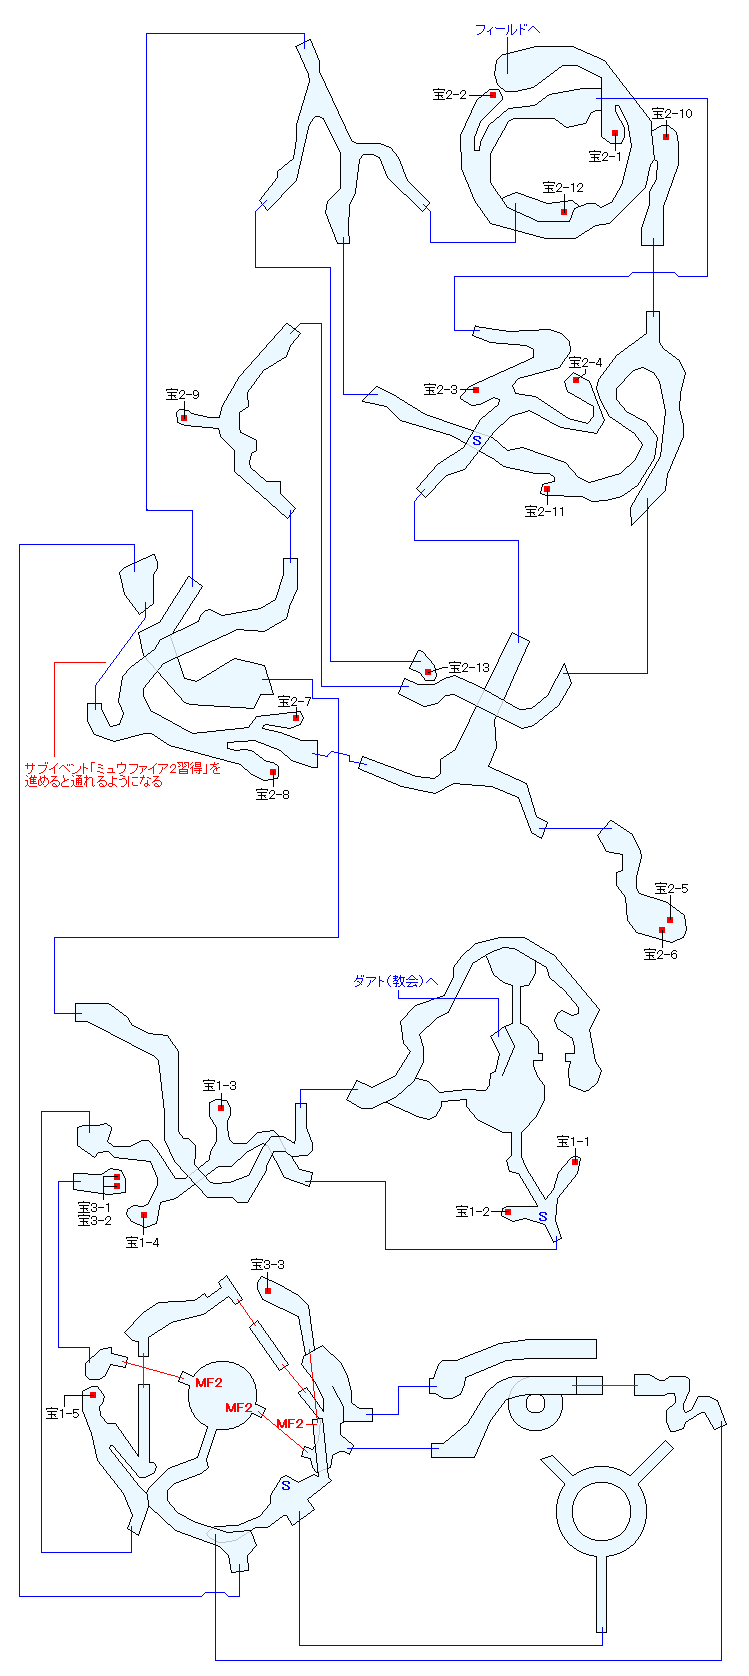 ザレッホ火山マップ